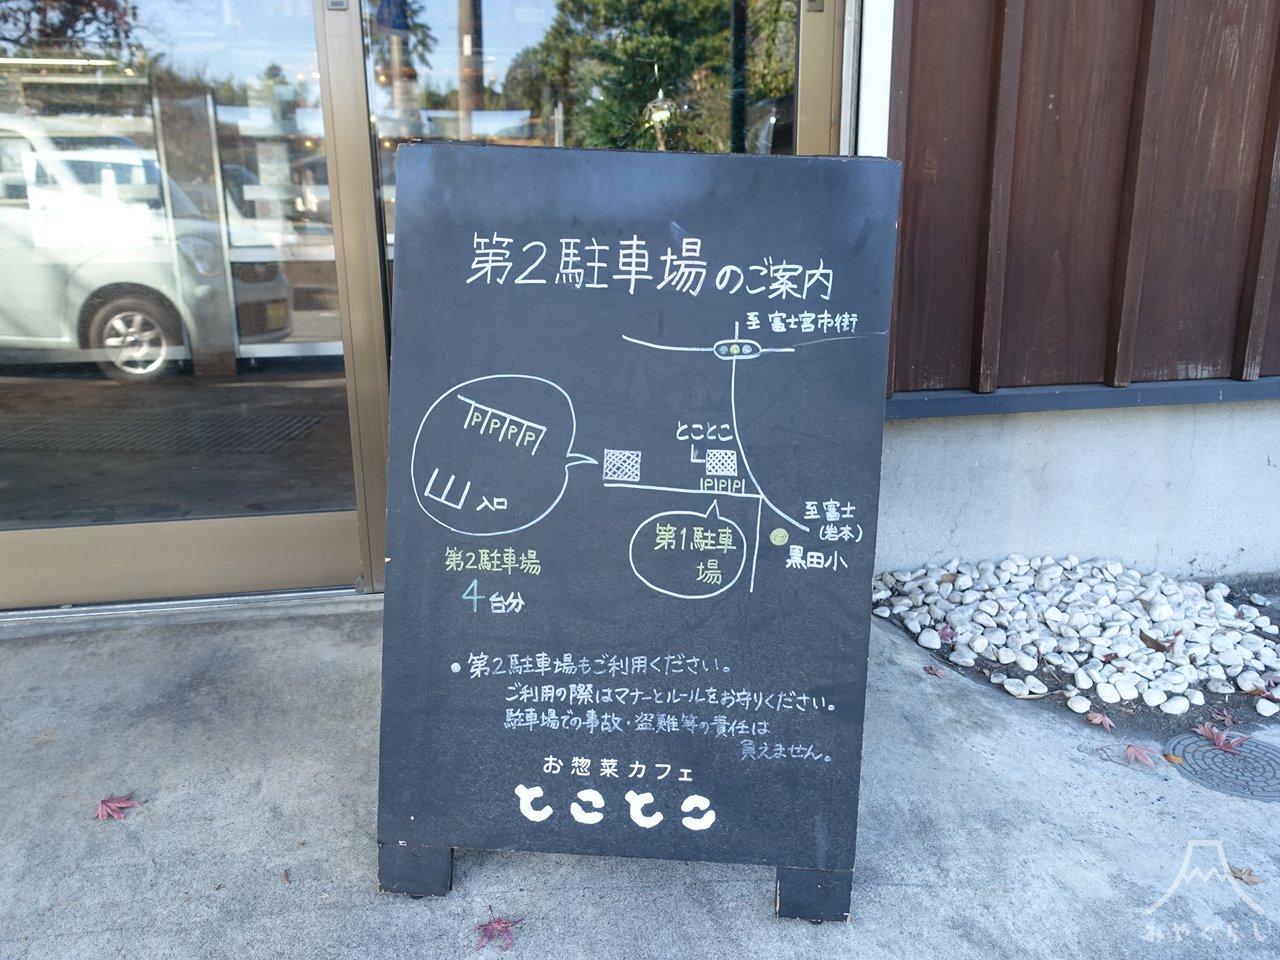 お惣菜カフェとことこの駐車場案内図